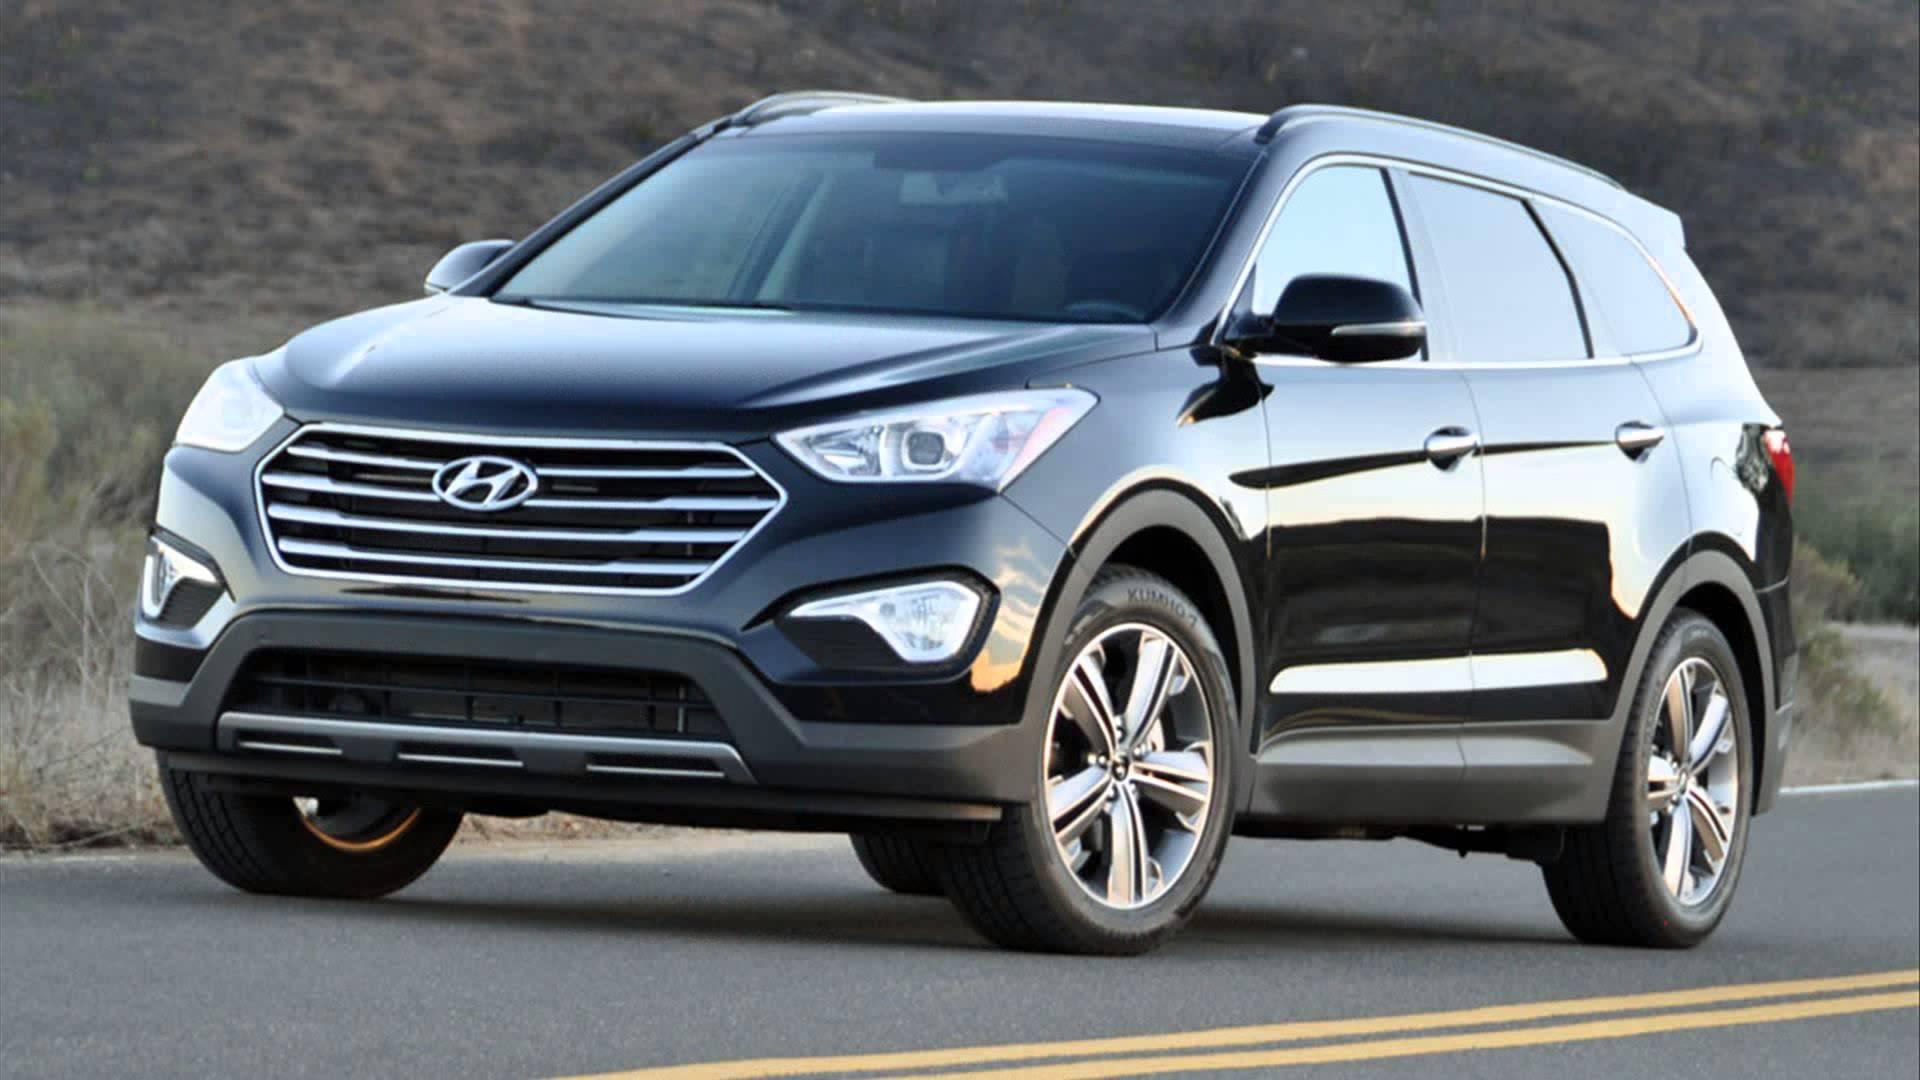 Hyundai Unleashes Large SUV for 2015